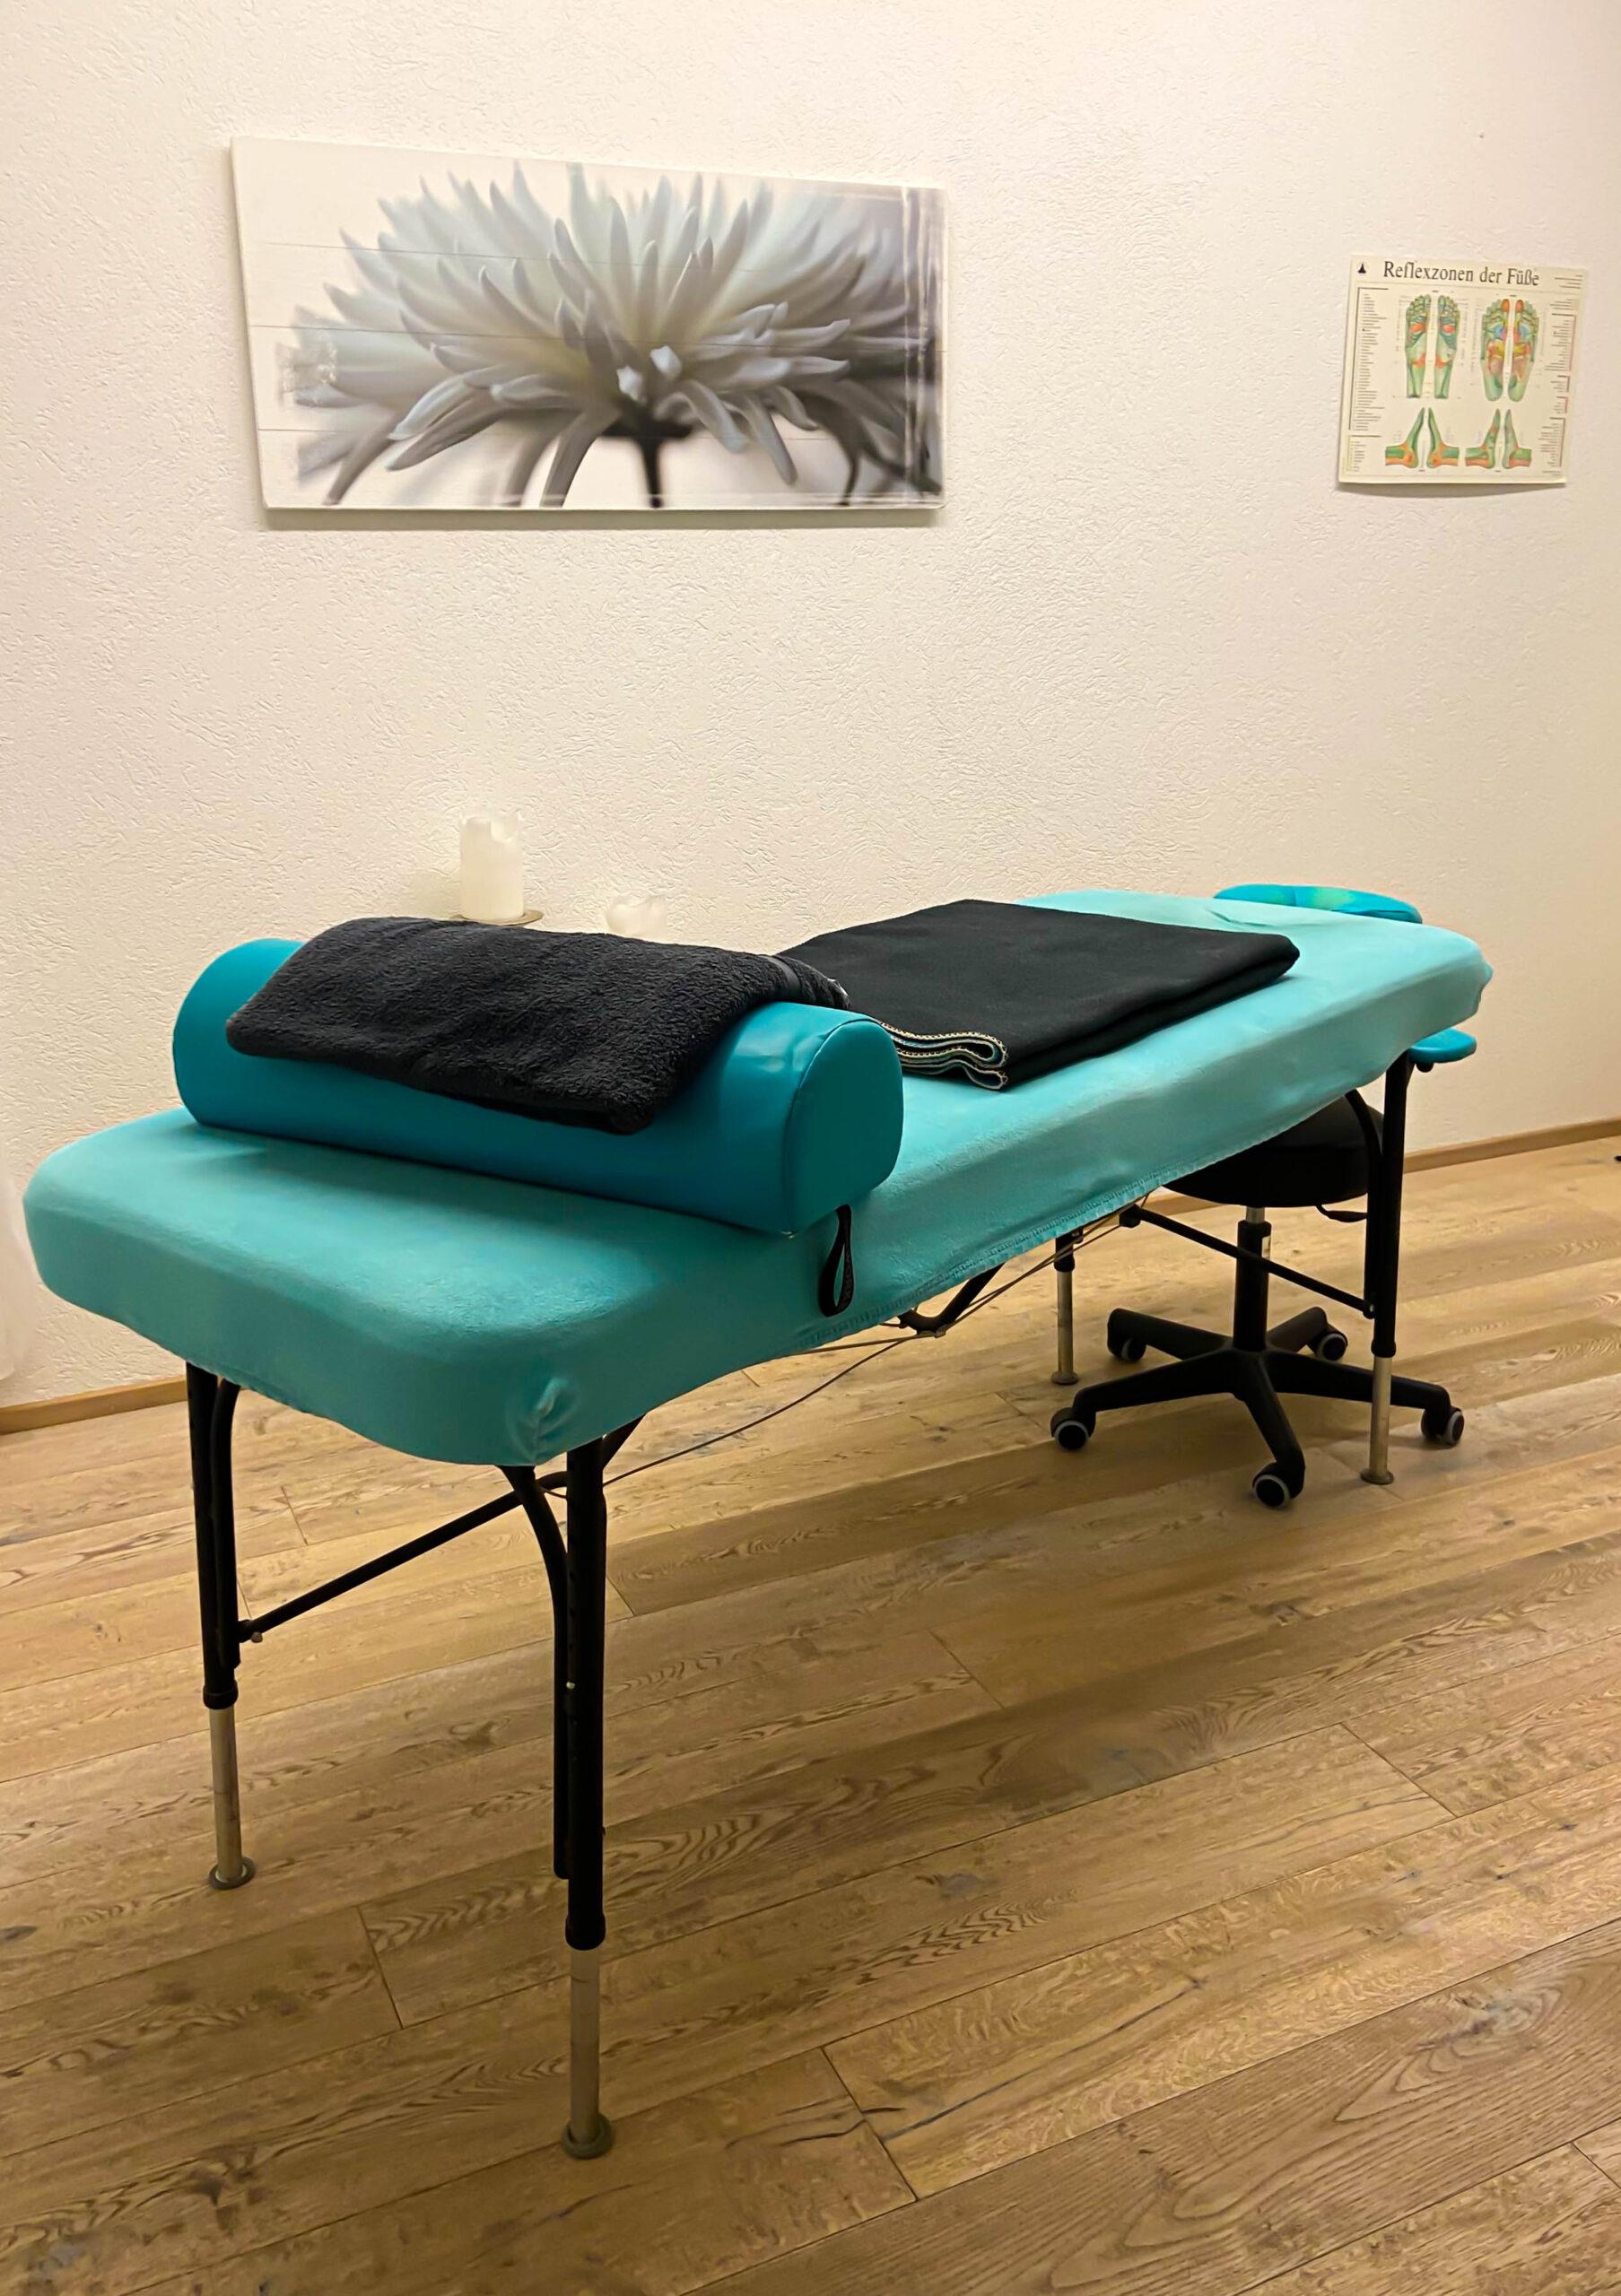 Anmeldung für klassische Massagen in Albisrieden